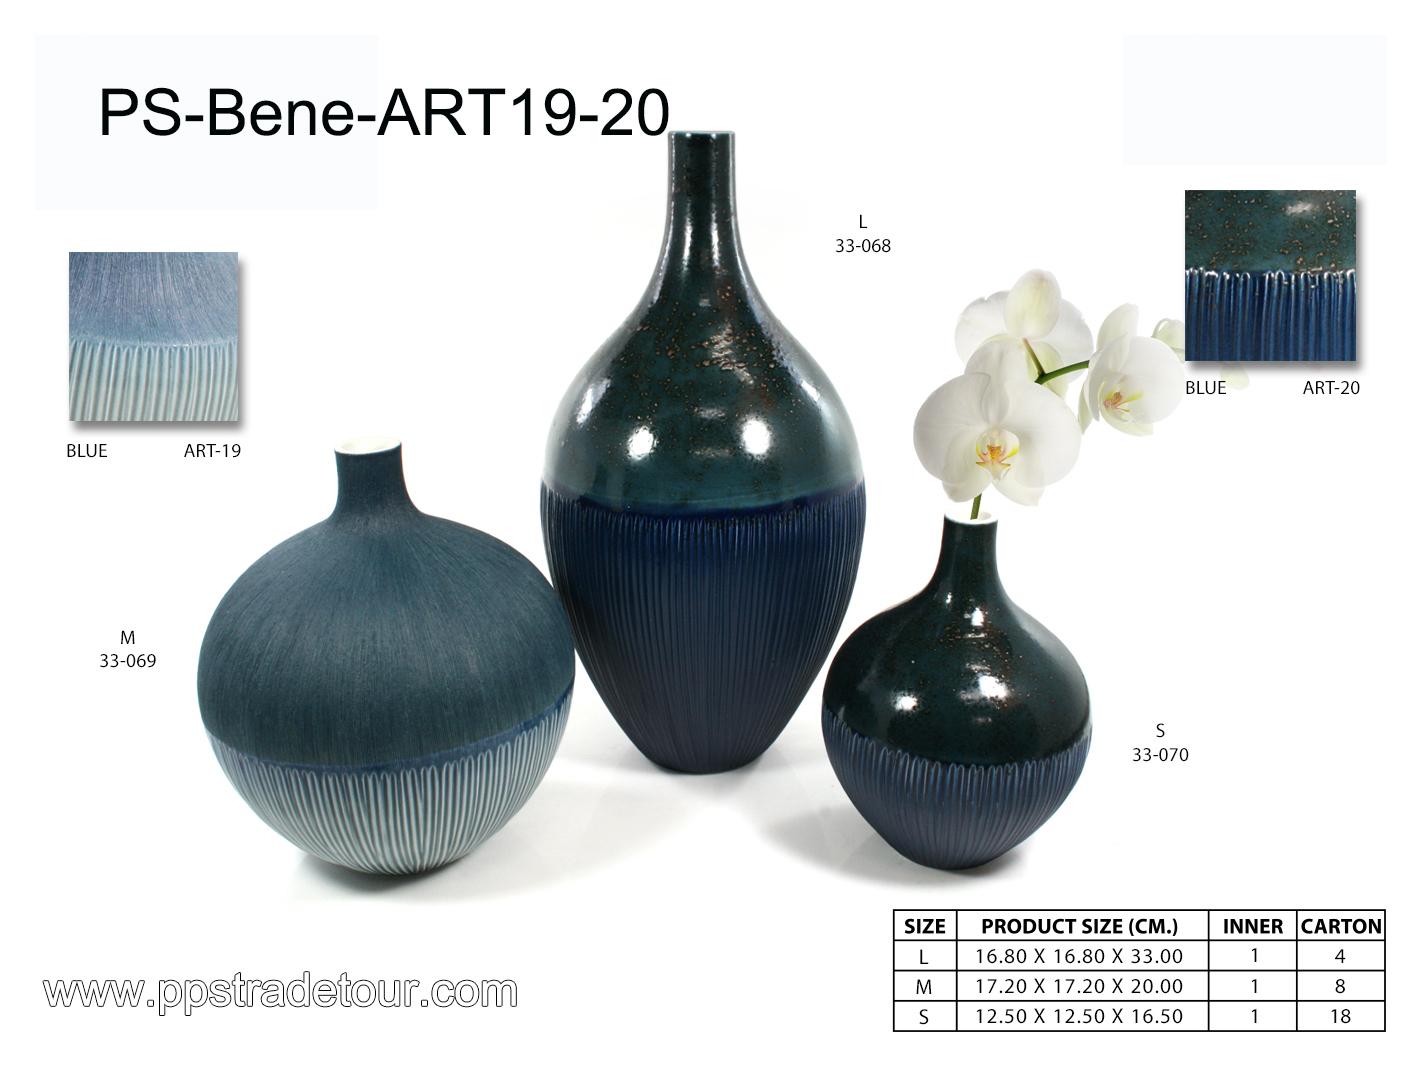 PSCV-Bene-ART19-20